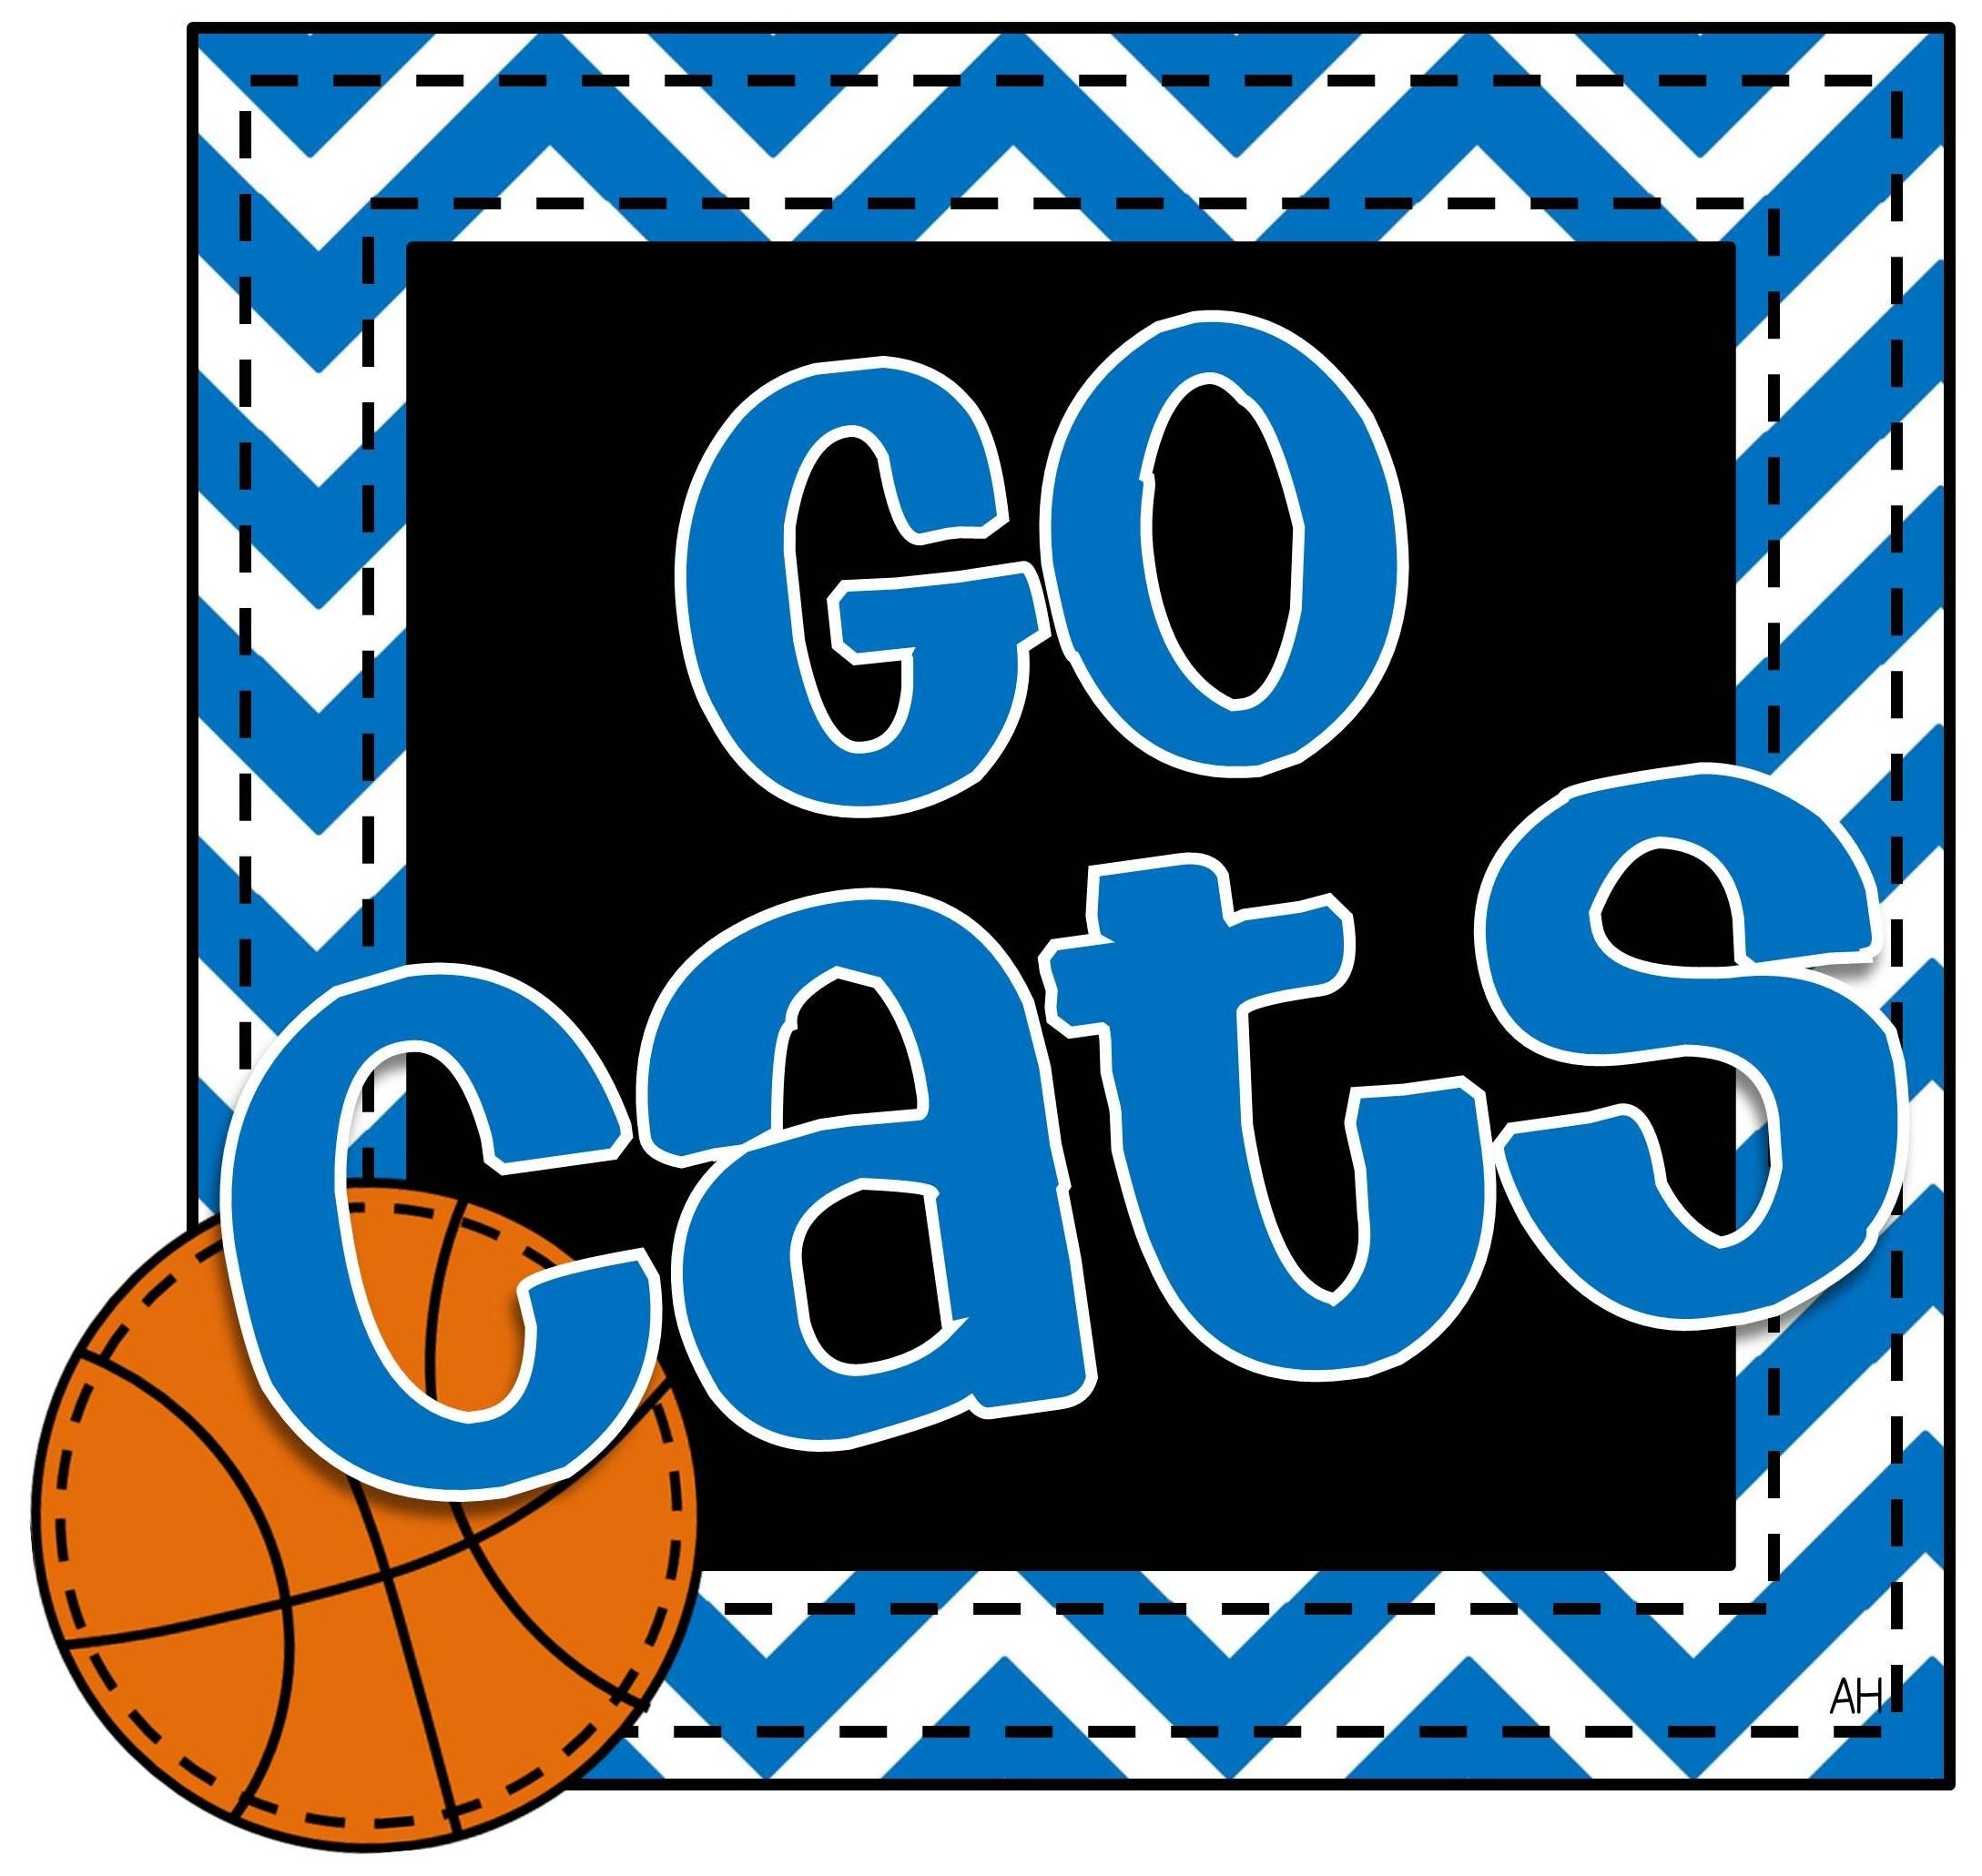 Kentucky wildcats clipart 5 » Clipart Portal.